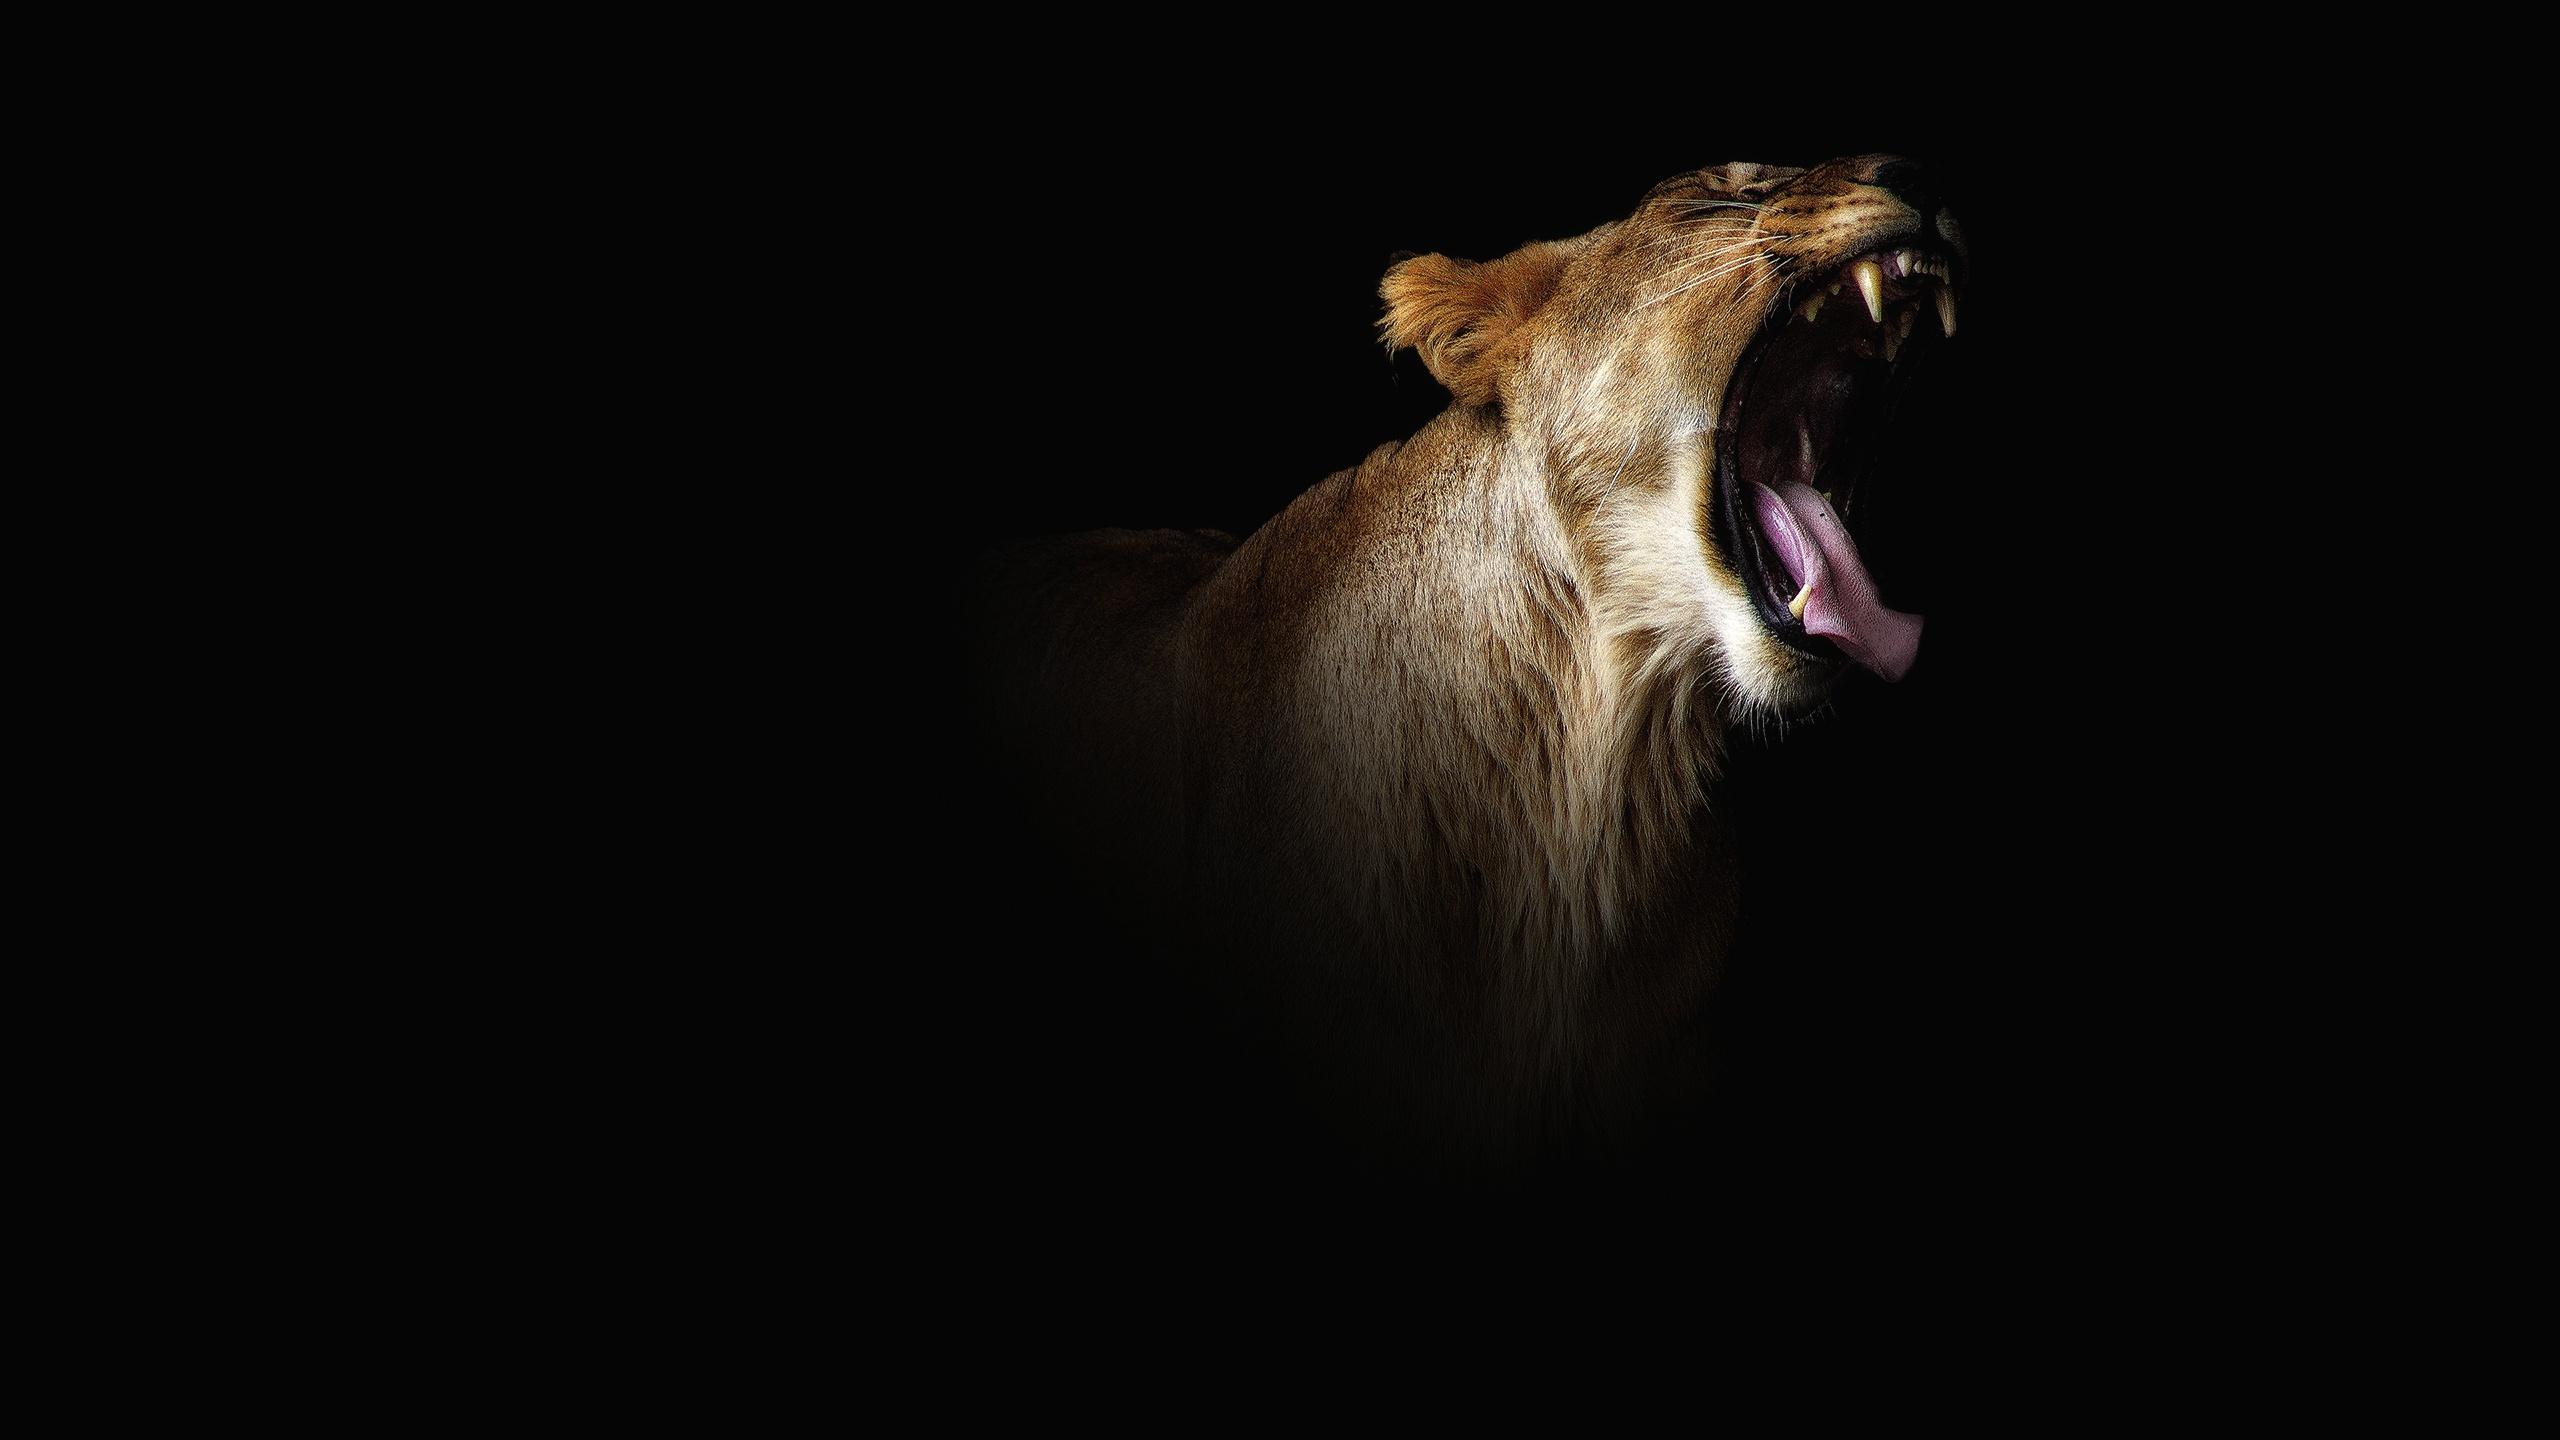 Обои для рабочего стола Львица Зевает языком животное Черный фон зевок зевают зевающая зевающий Язык (анатомия) Животные на черном фоне